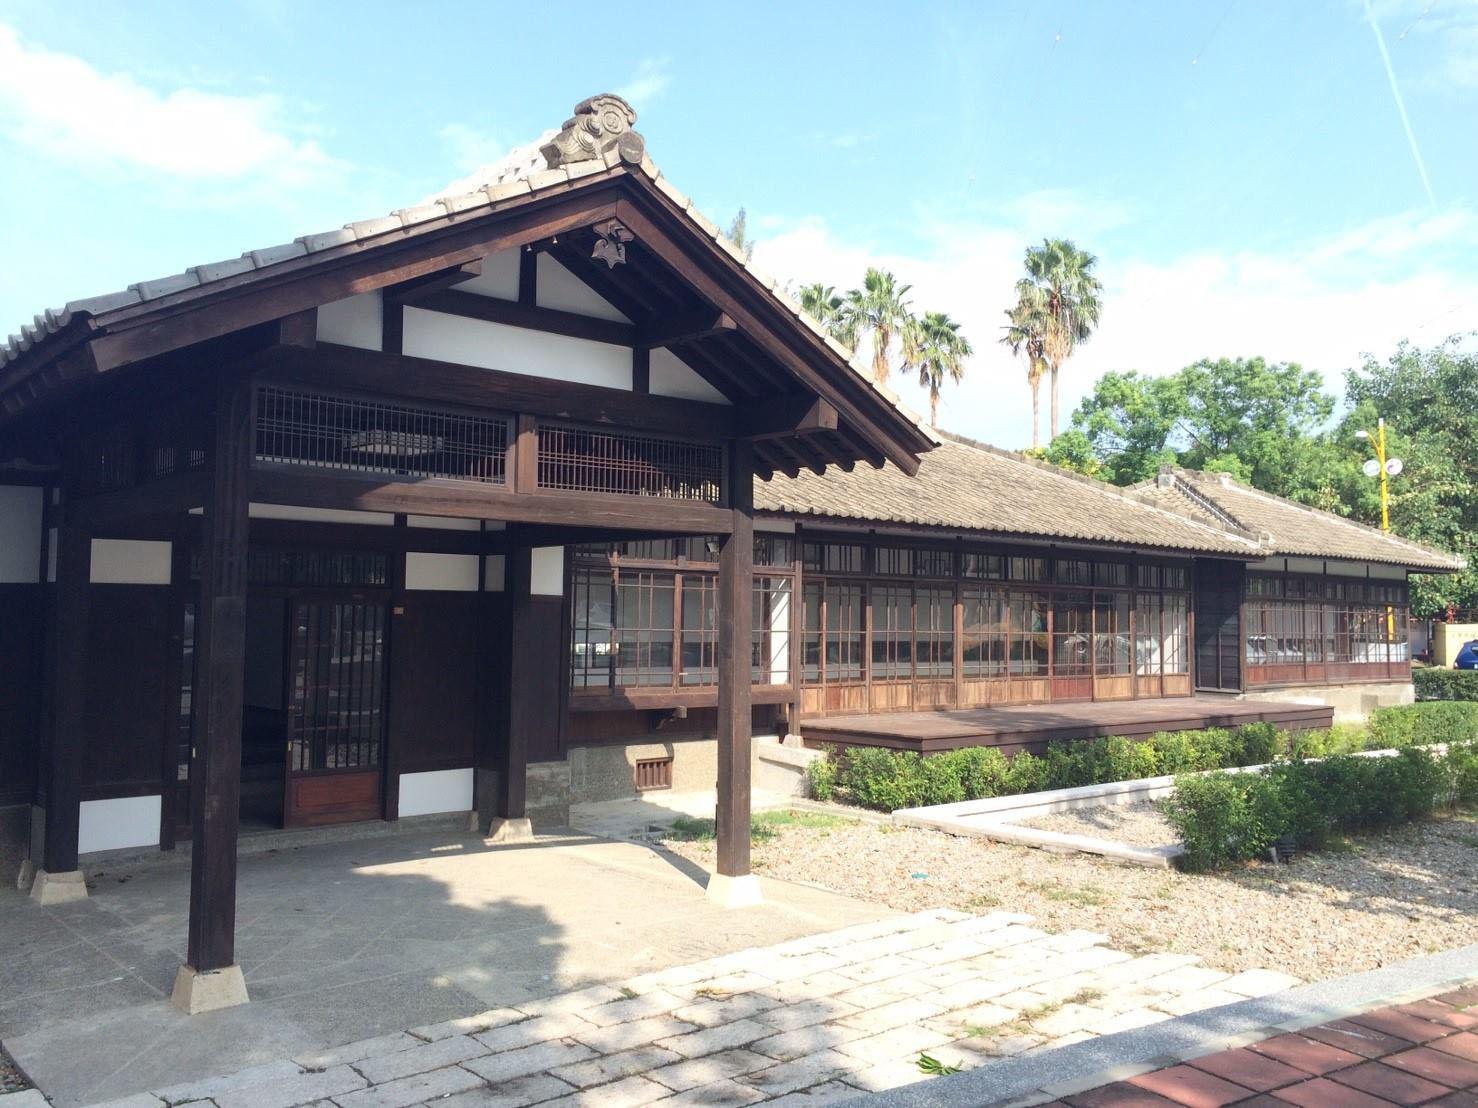 雲林虎尾《涌翠閣 光線美麗的日式古建築》美學教育與文化傳承的藝術進駐!